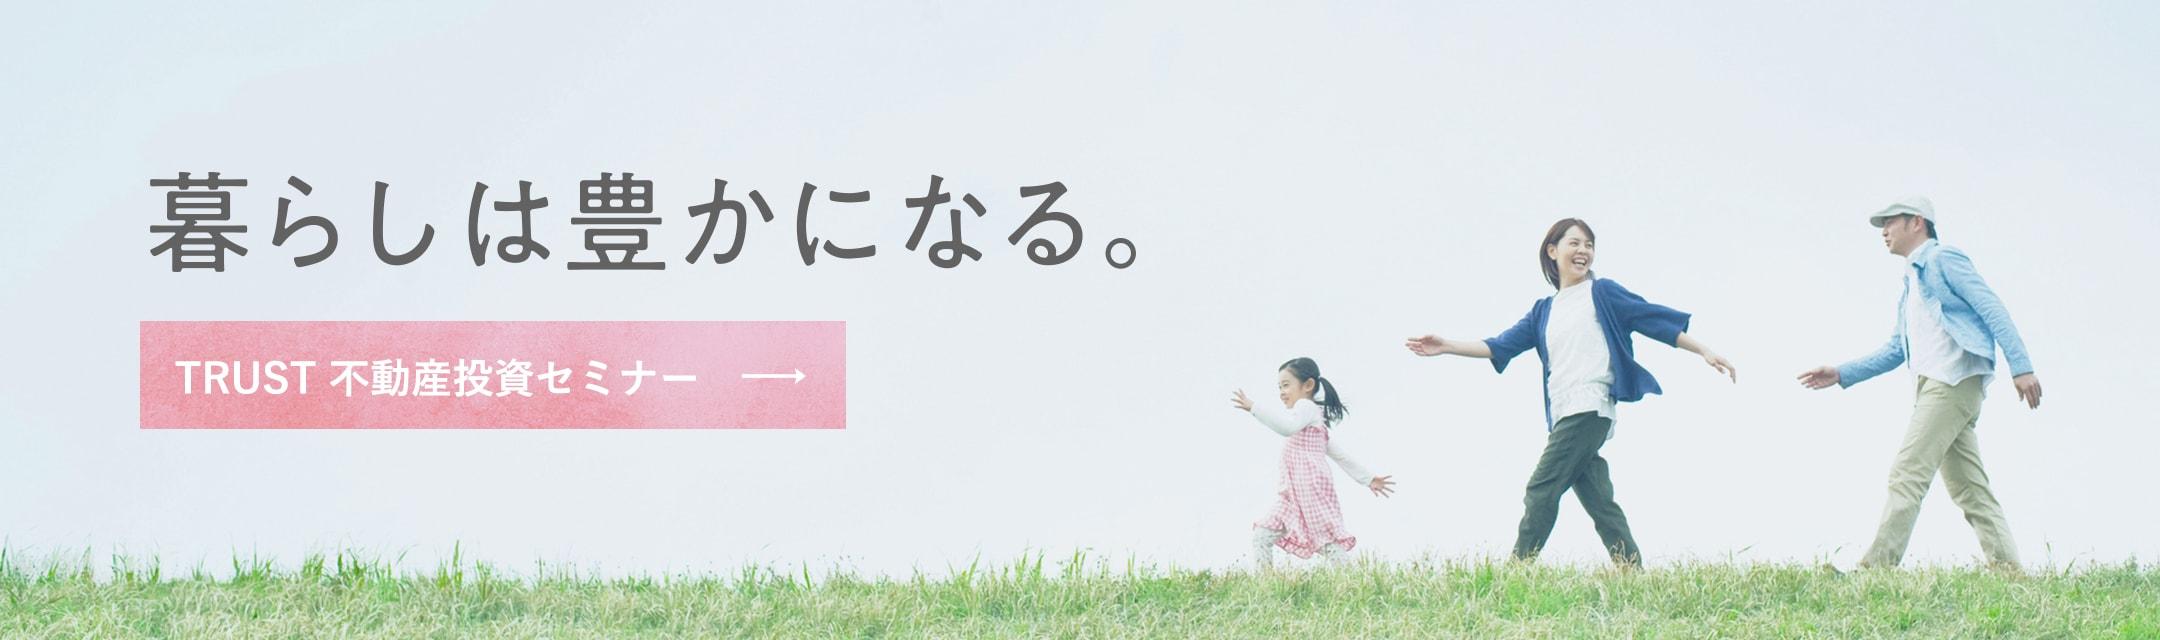 頭金10万円から始める不動産投資術!暮らしはもっと豊かになる。